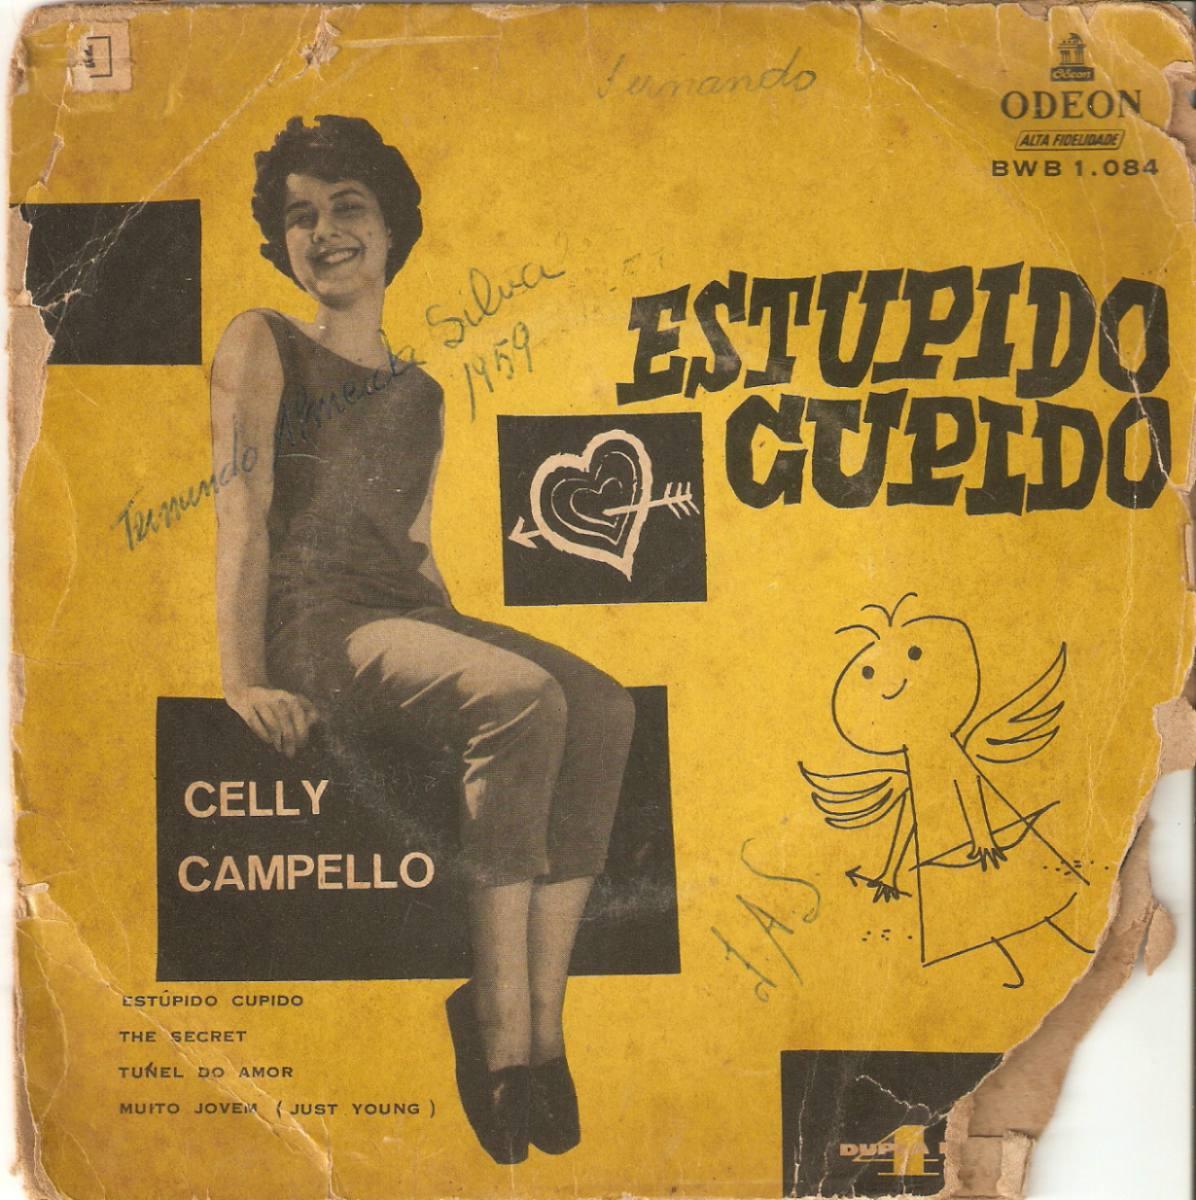 celly campello - estupido cupido -